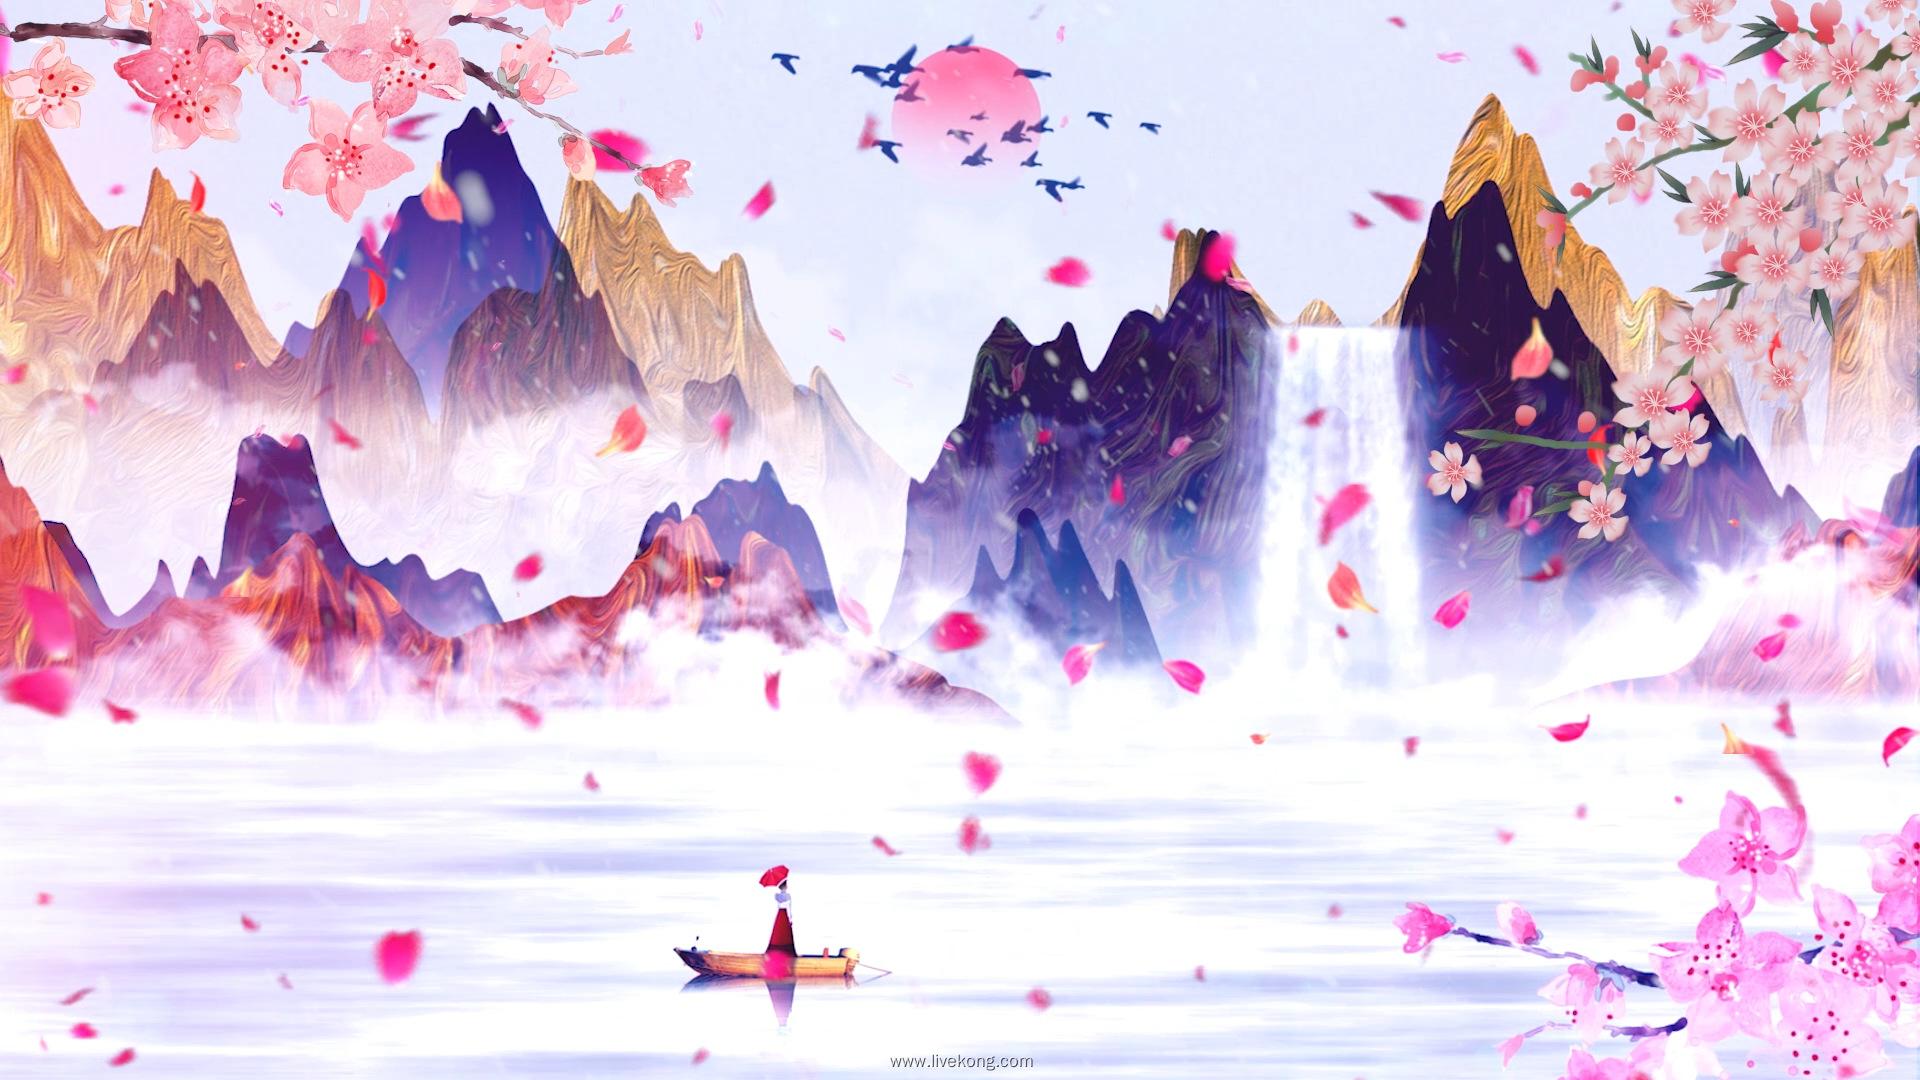 序列 01.00 01 17 16.Still006 - 歌曲女儿情led配乐成品视频背景 水墨山水演出大屏背景